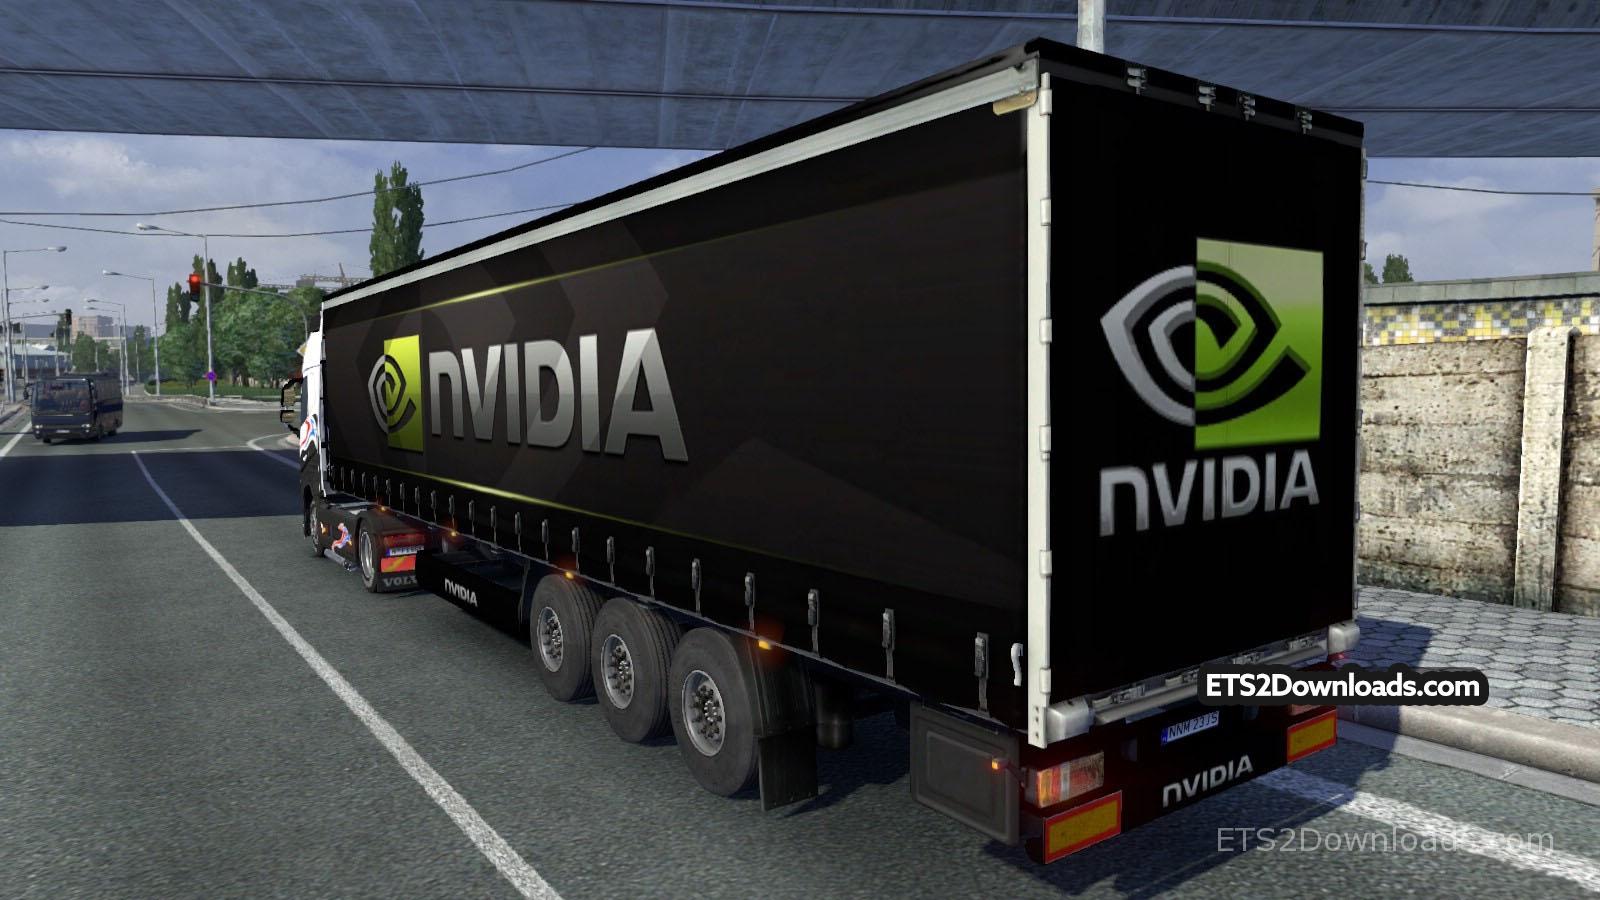 nvidia-trailer-1